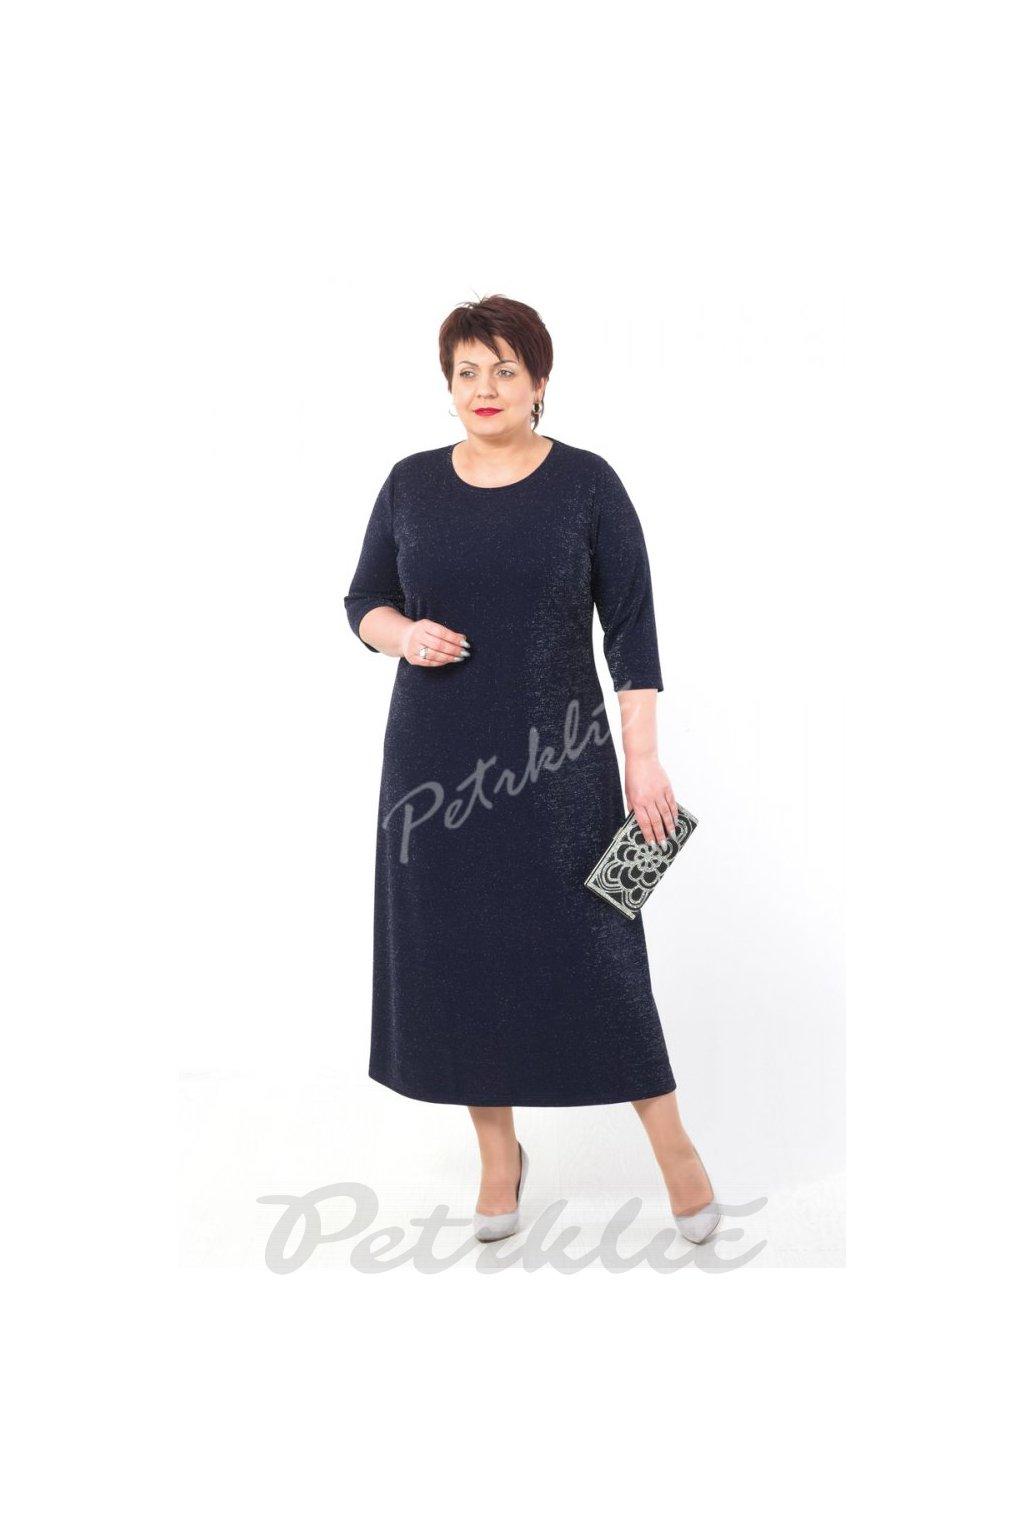 DAKOTA - šaty 3/4 rukáv 130 - 135 cm